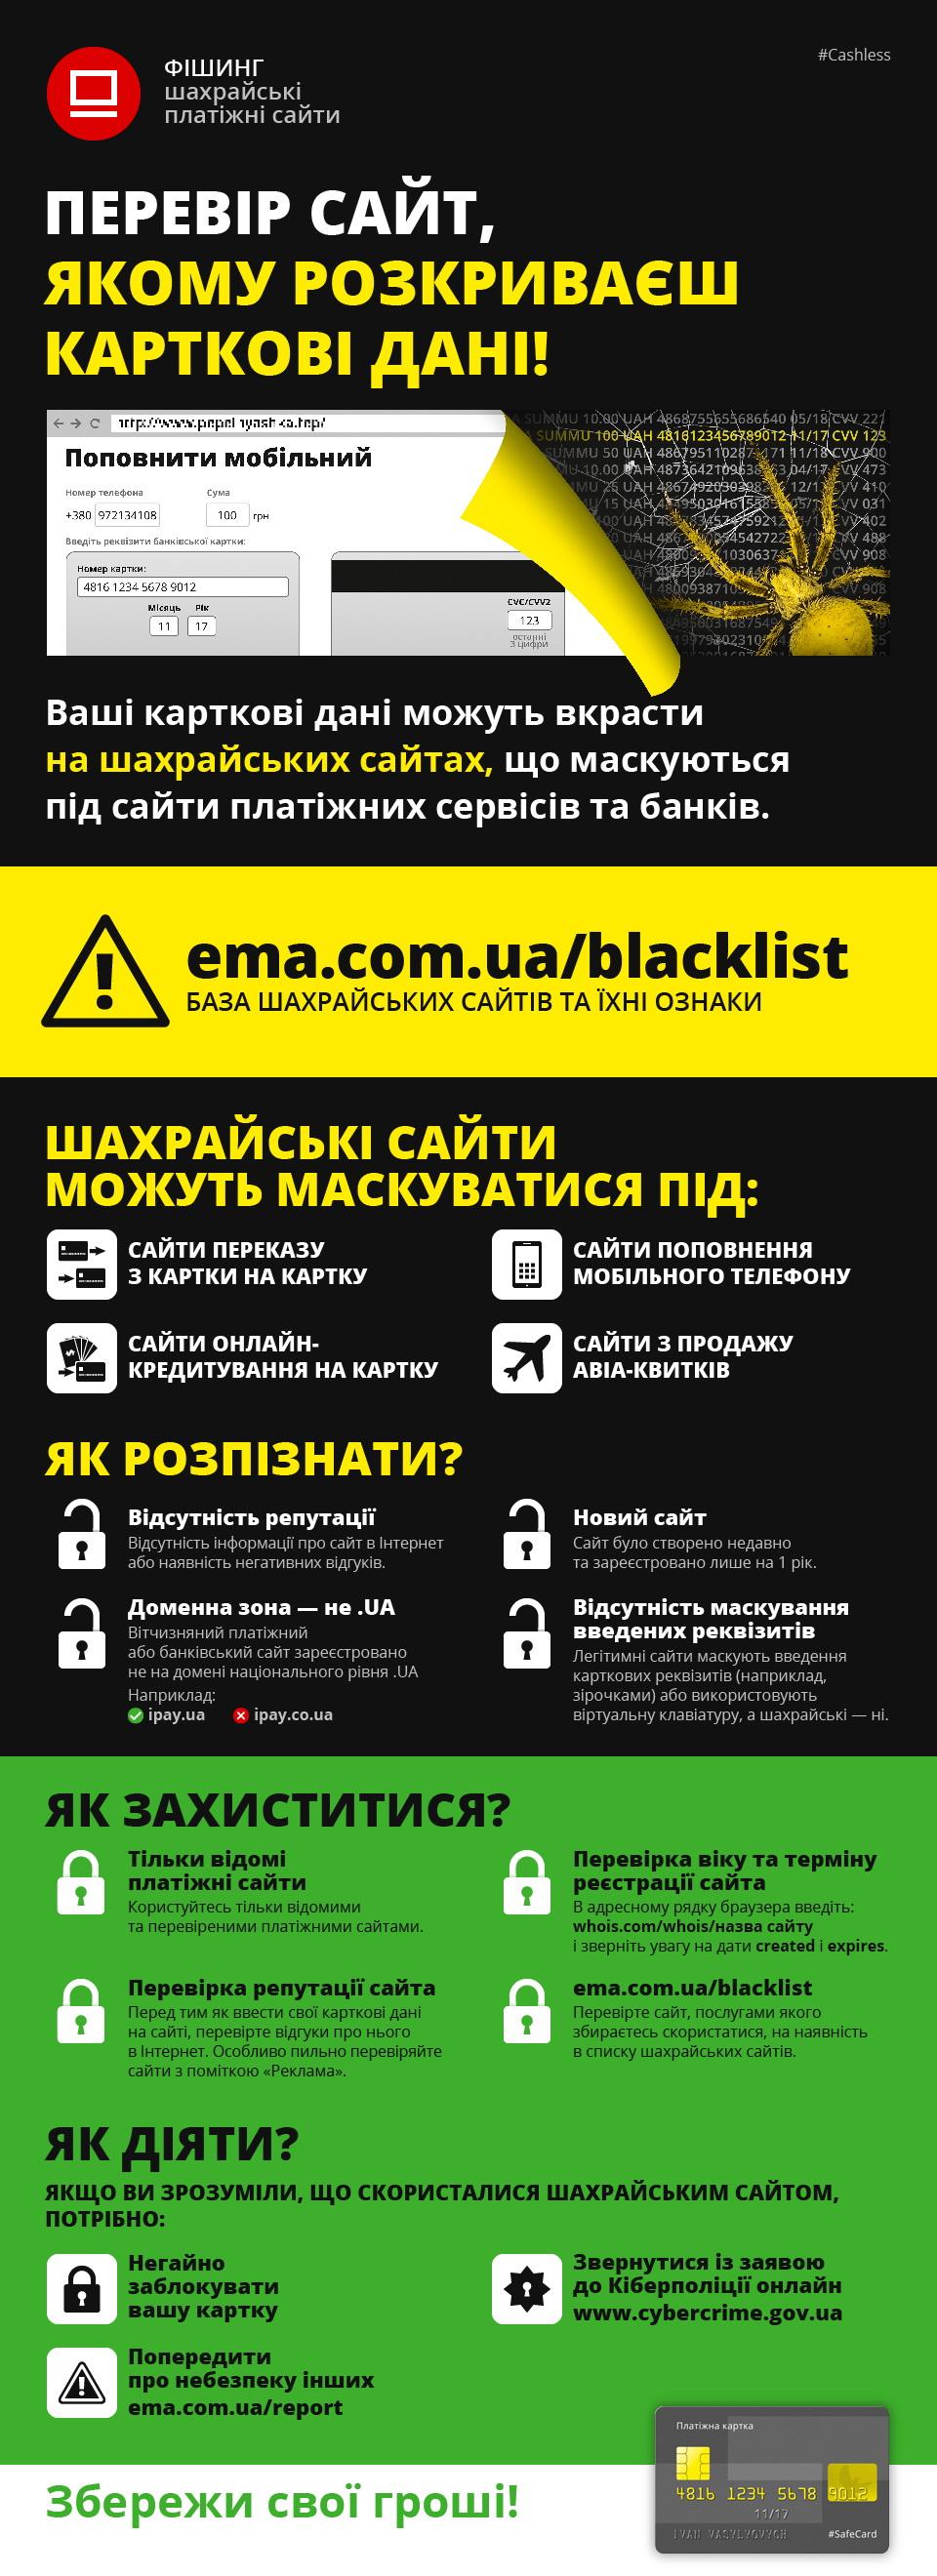 infographic_v4a